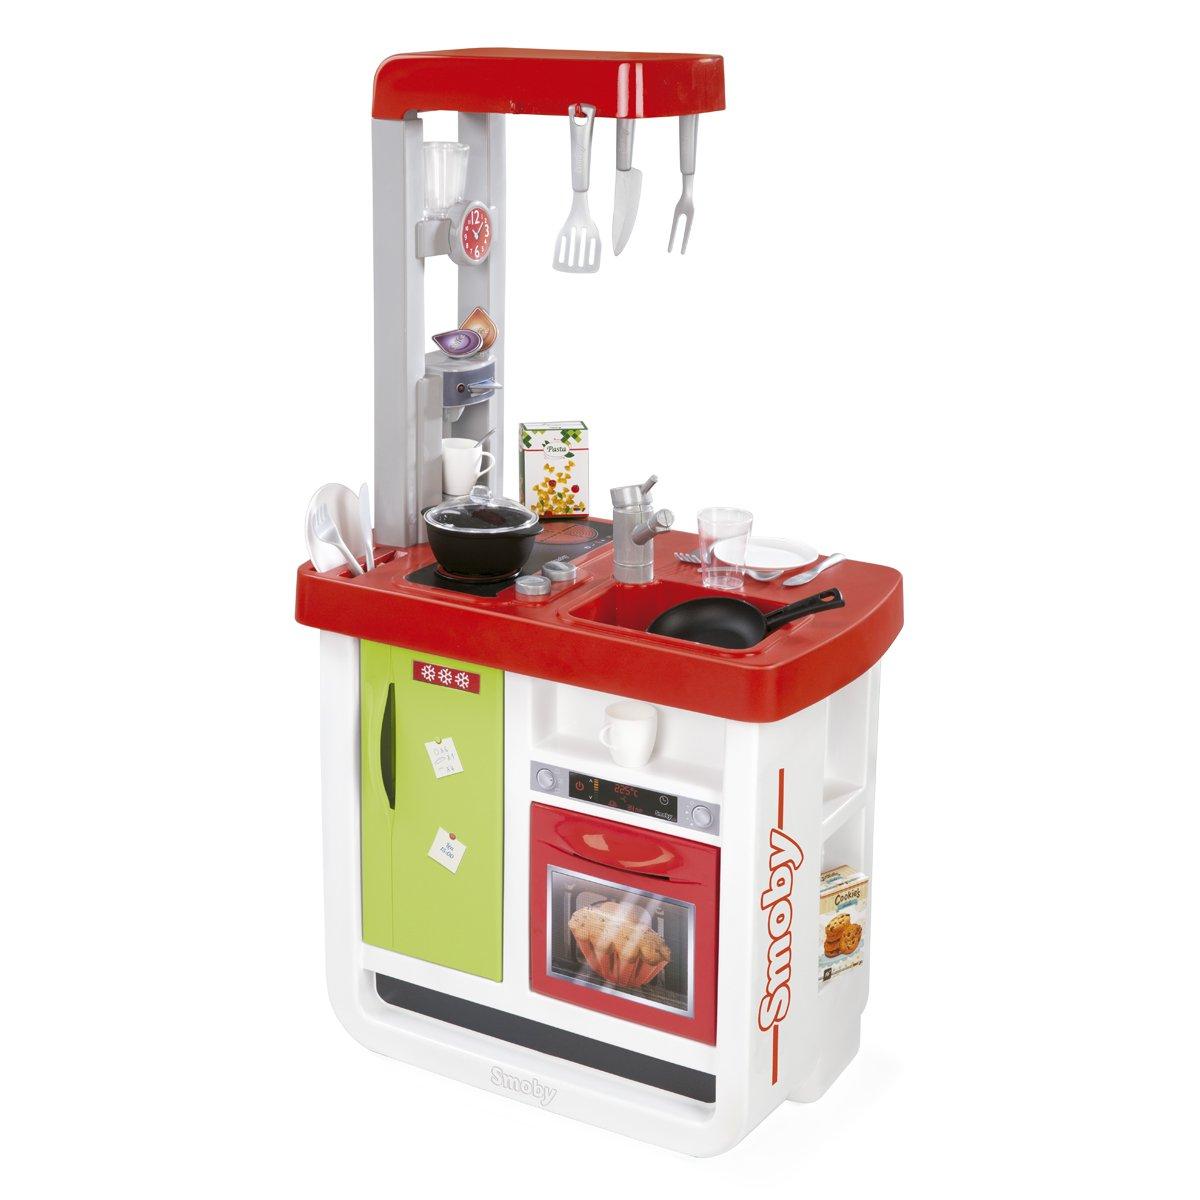 Smoby - Cocina Bon Appetit, Color Rojo (310804): Amazon.es: Juguetes y juegos